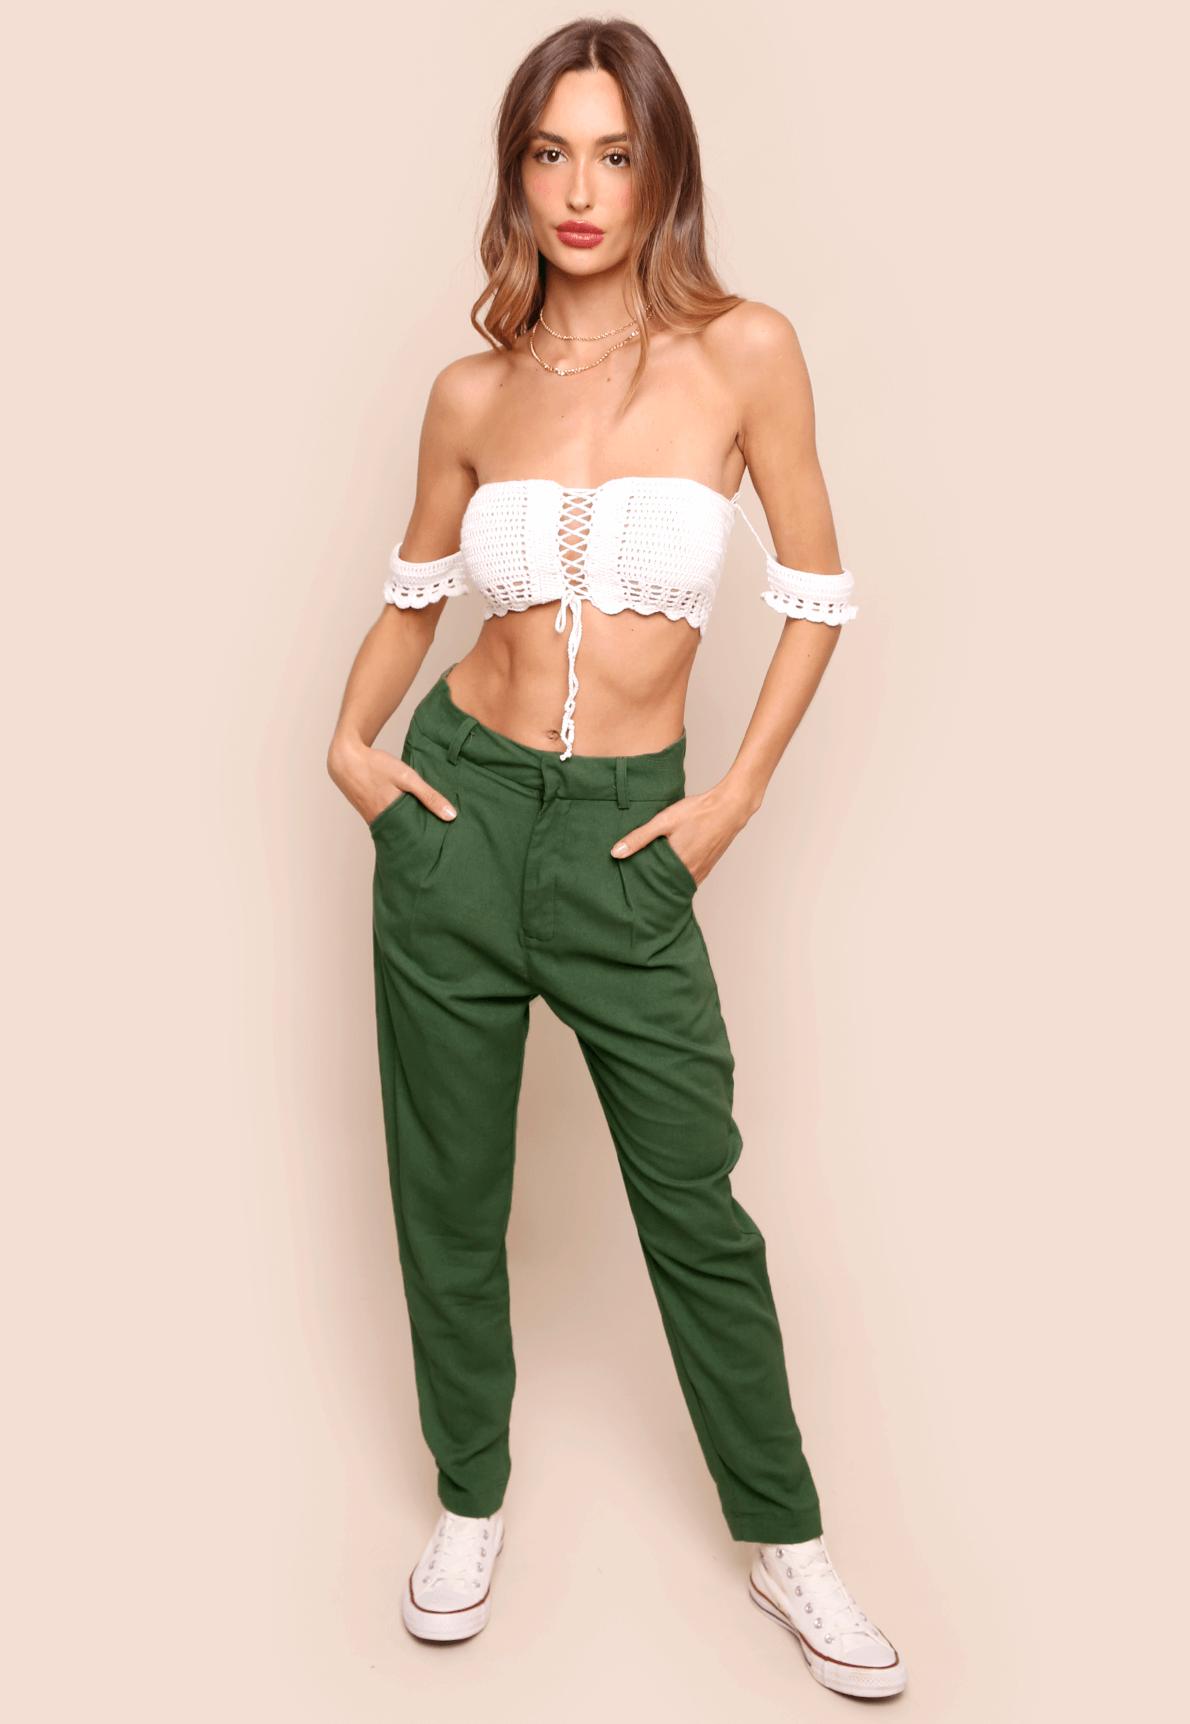 35556---calca-laila-verde-militar-mundo-lolita-01-